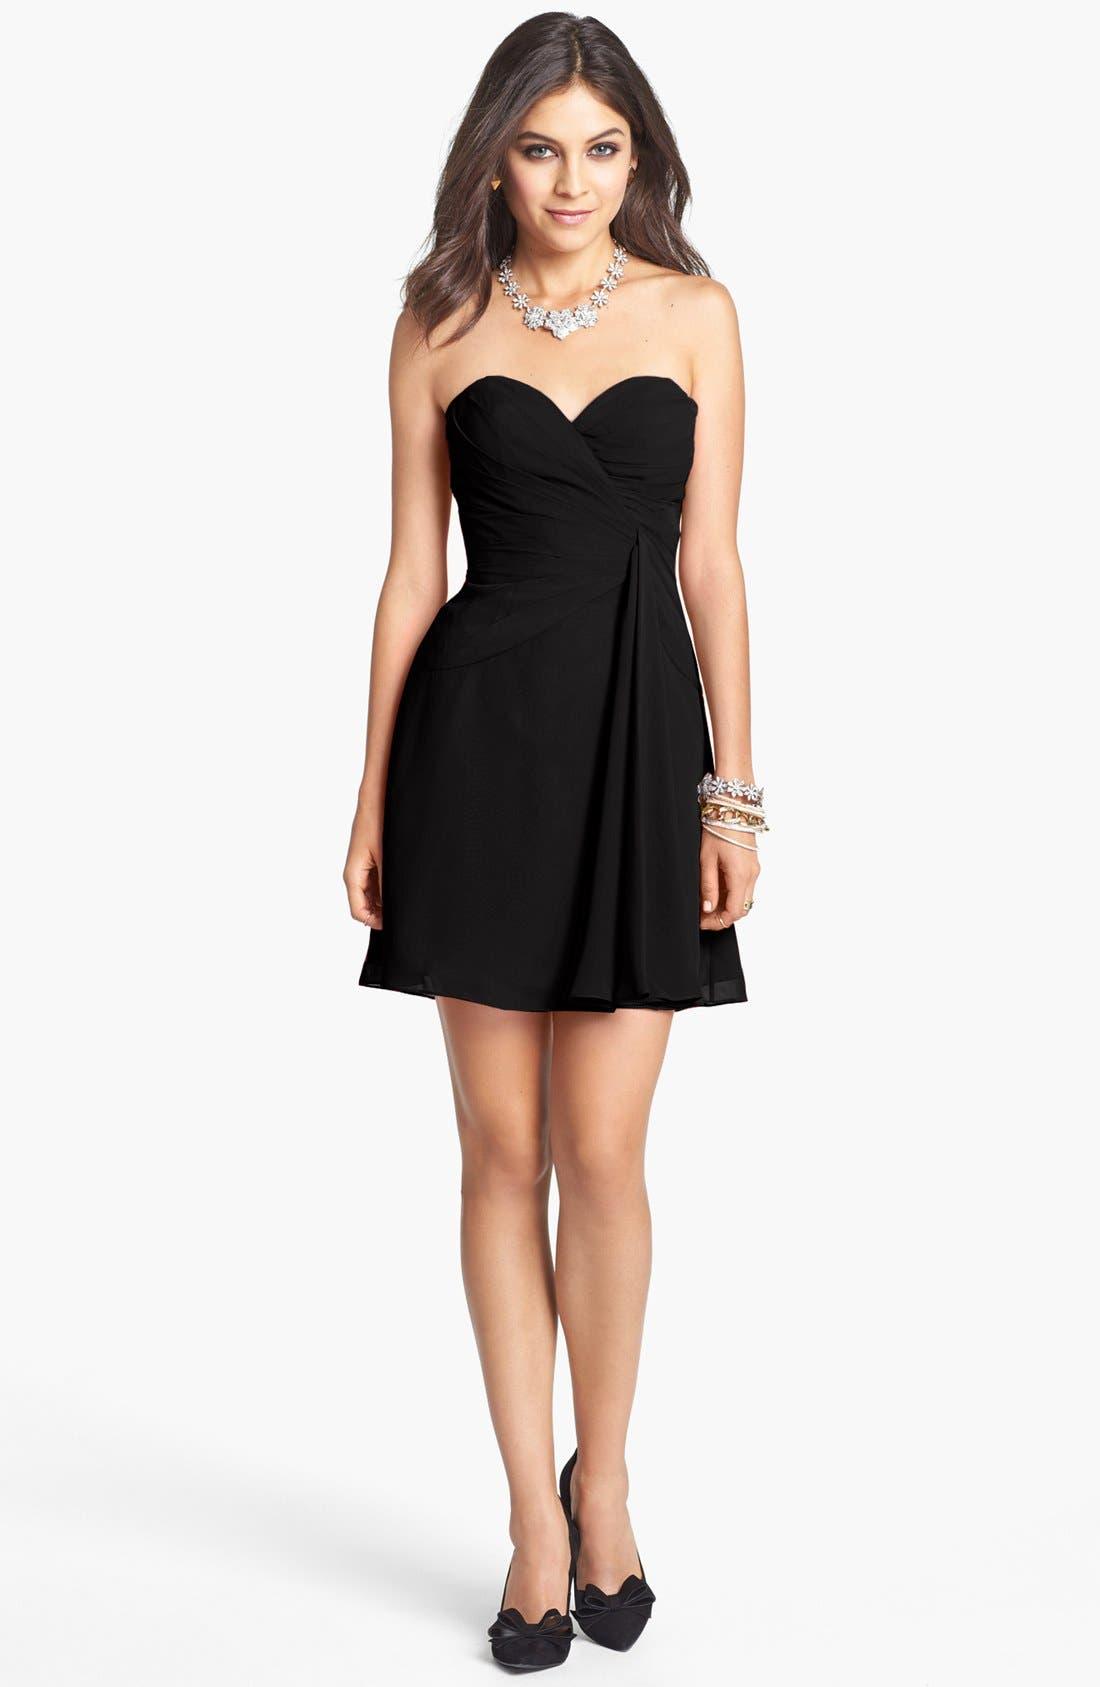 Main Image - Faviana Strapless Chiffon Dress